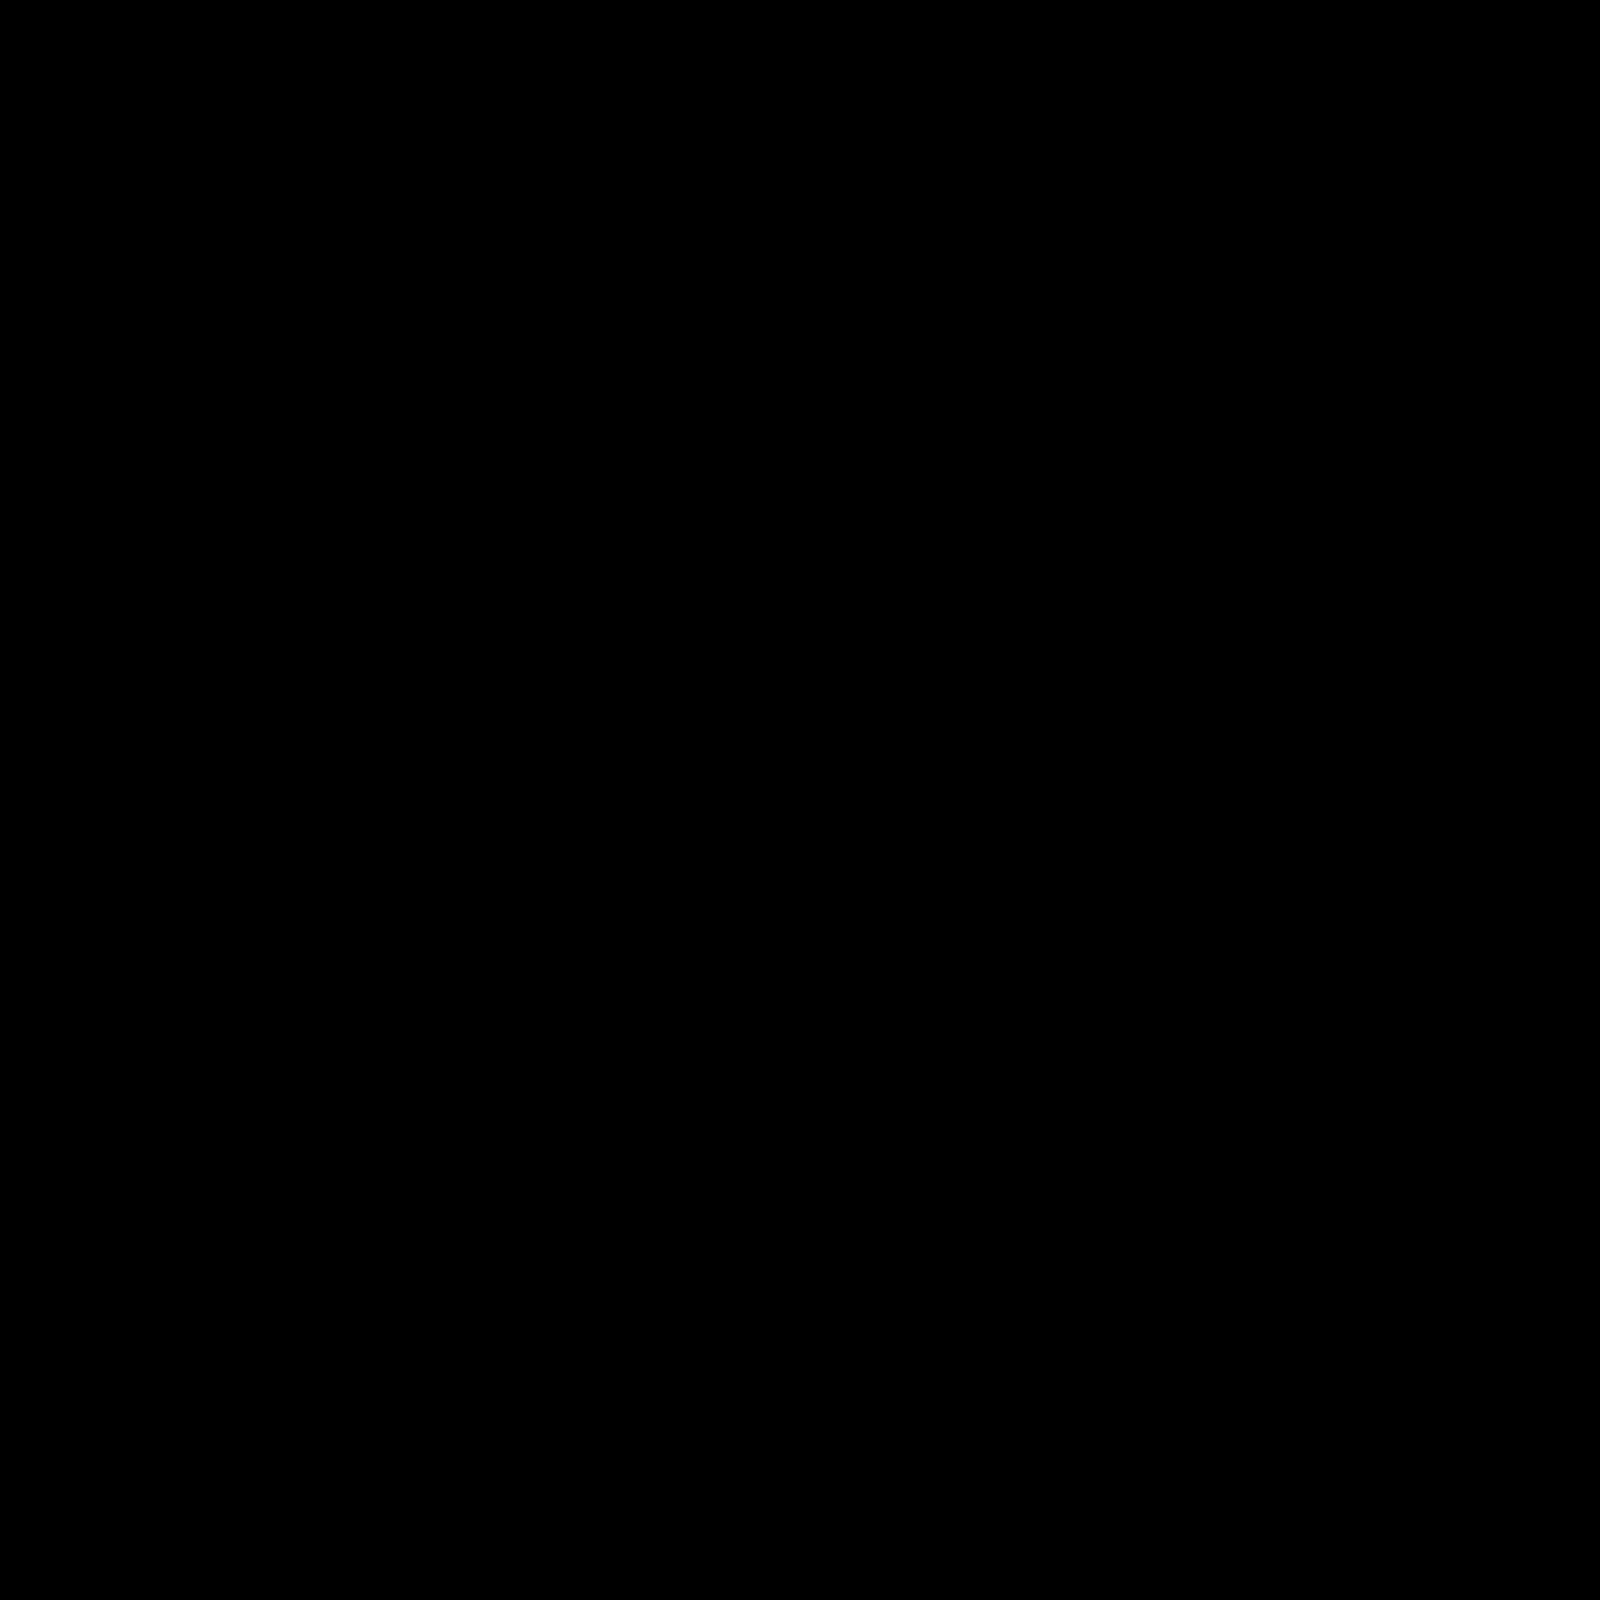 Circled T icon